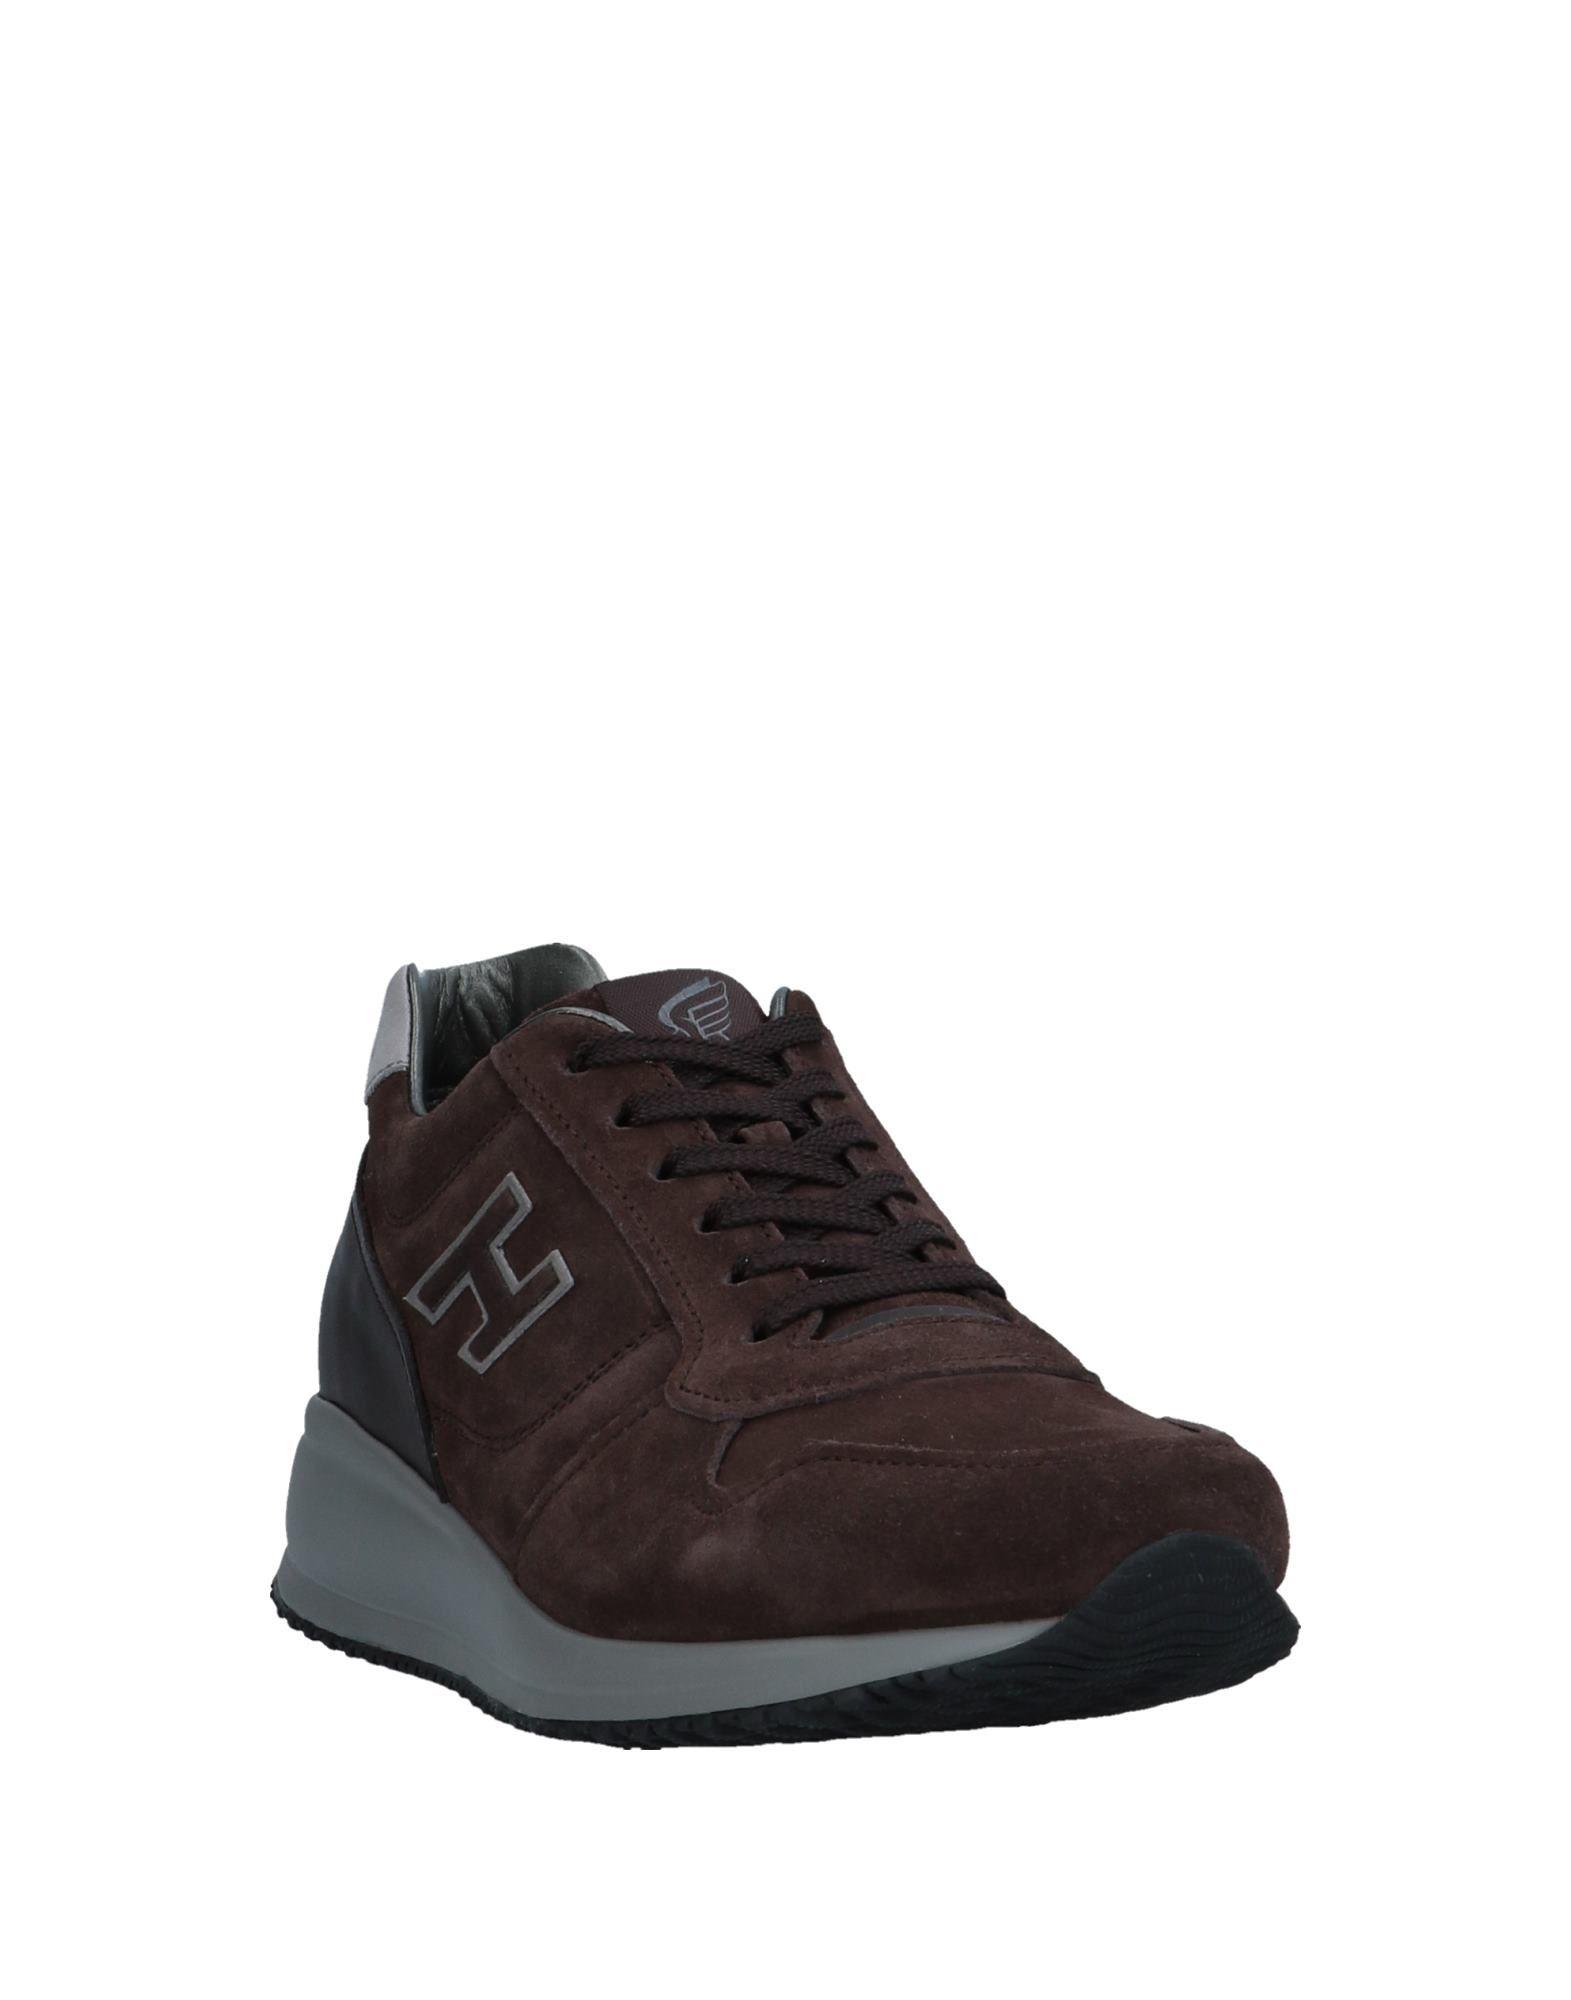 Hogan Gute Sneakers Herren  11541054BR Gute Hogan Qualität beliebte Schuhe 0727b1